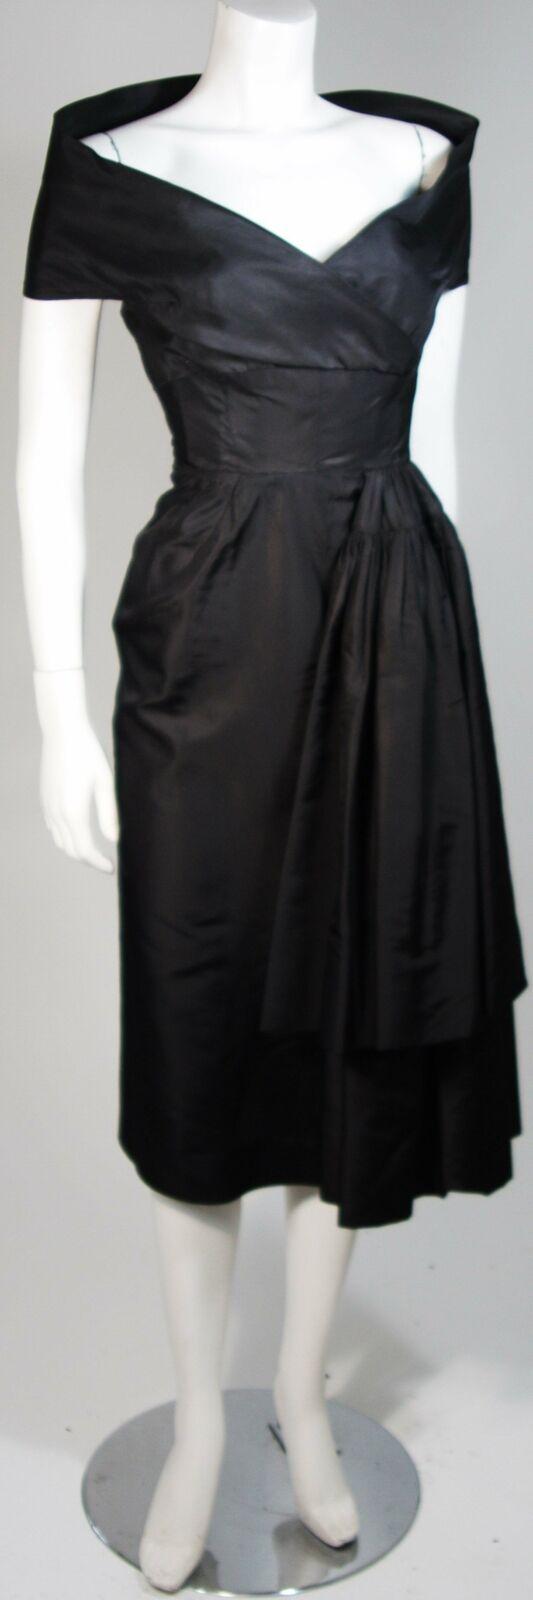 CEIL CHAPMAN  Black Cocktail Dress with Draped De… - image 4